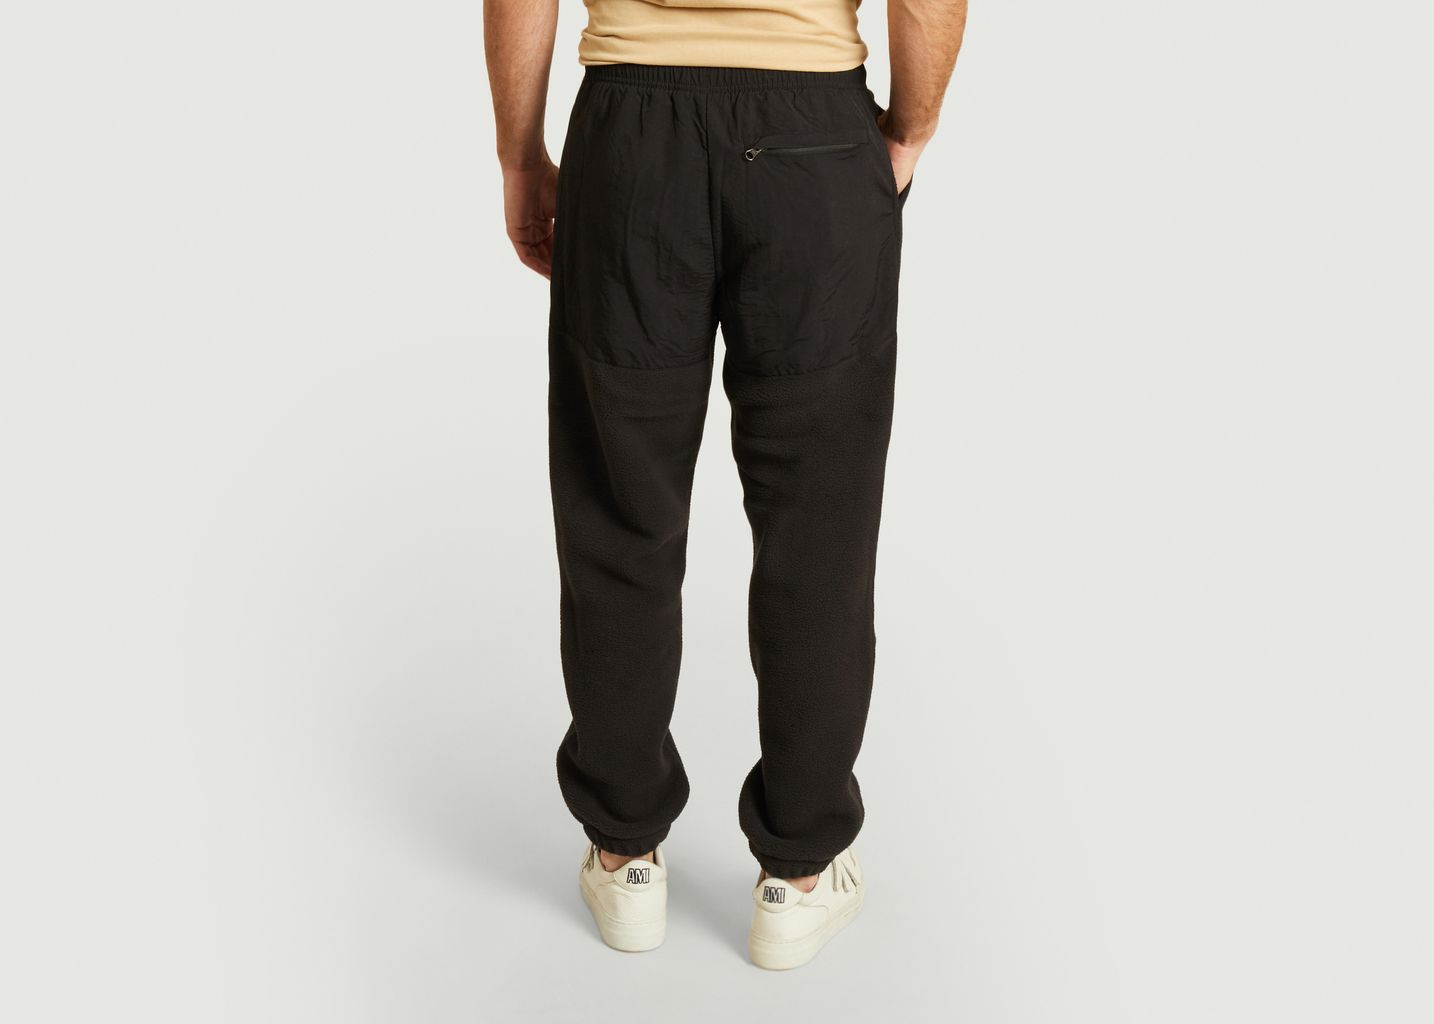 Pantalon Denali  - The North Face